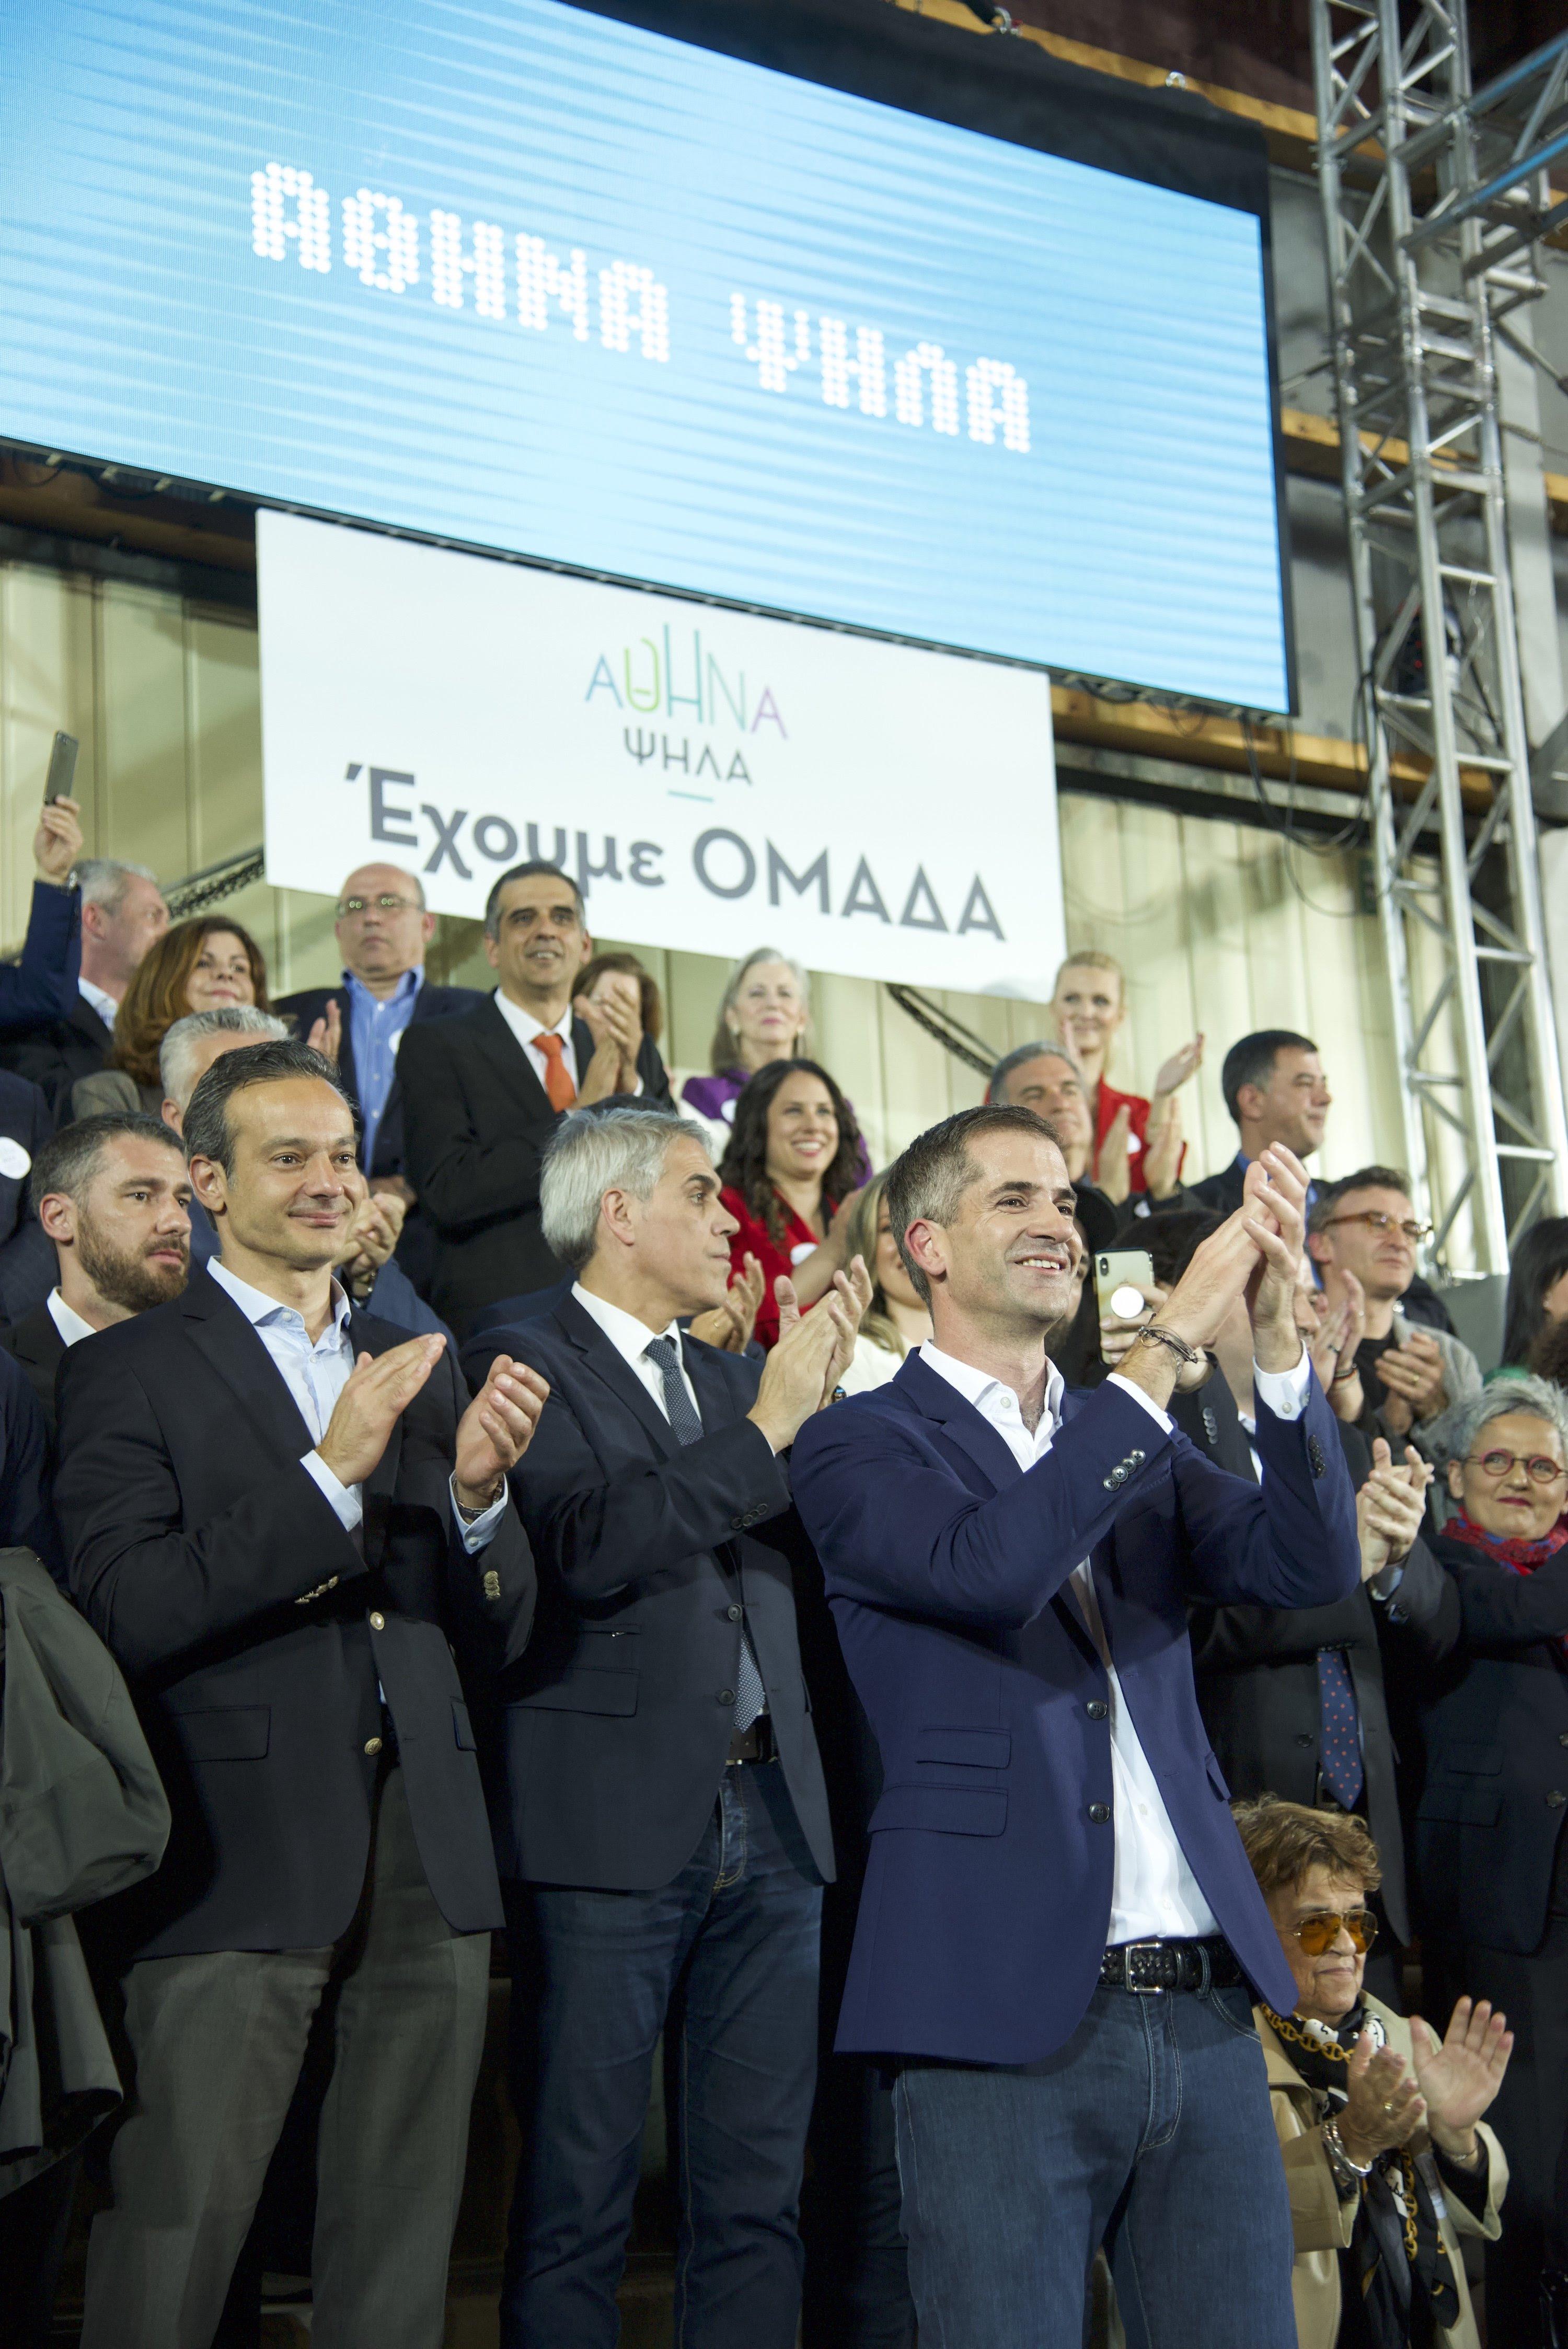 Το συνδυασμό του παρουσίασε ο Κ. Μπακογιάννης- Υπερκομματικό και πολυσυλλεκτικό ψηφοδέλτιο